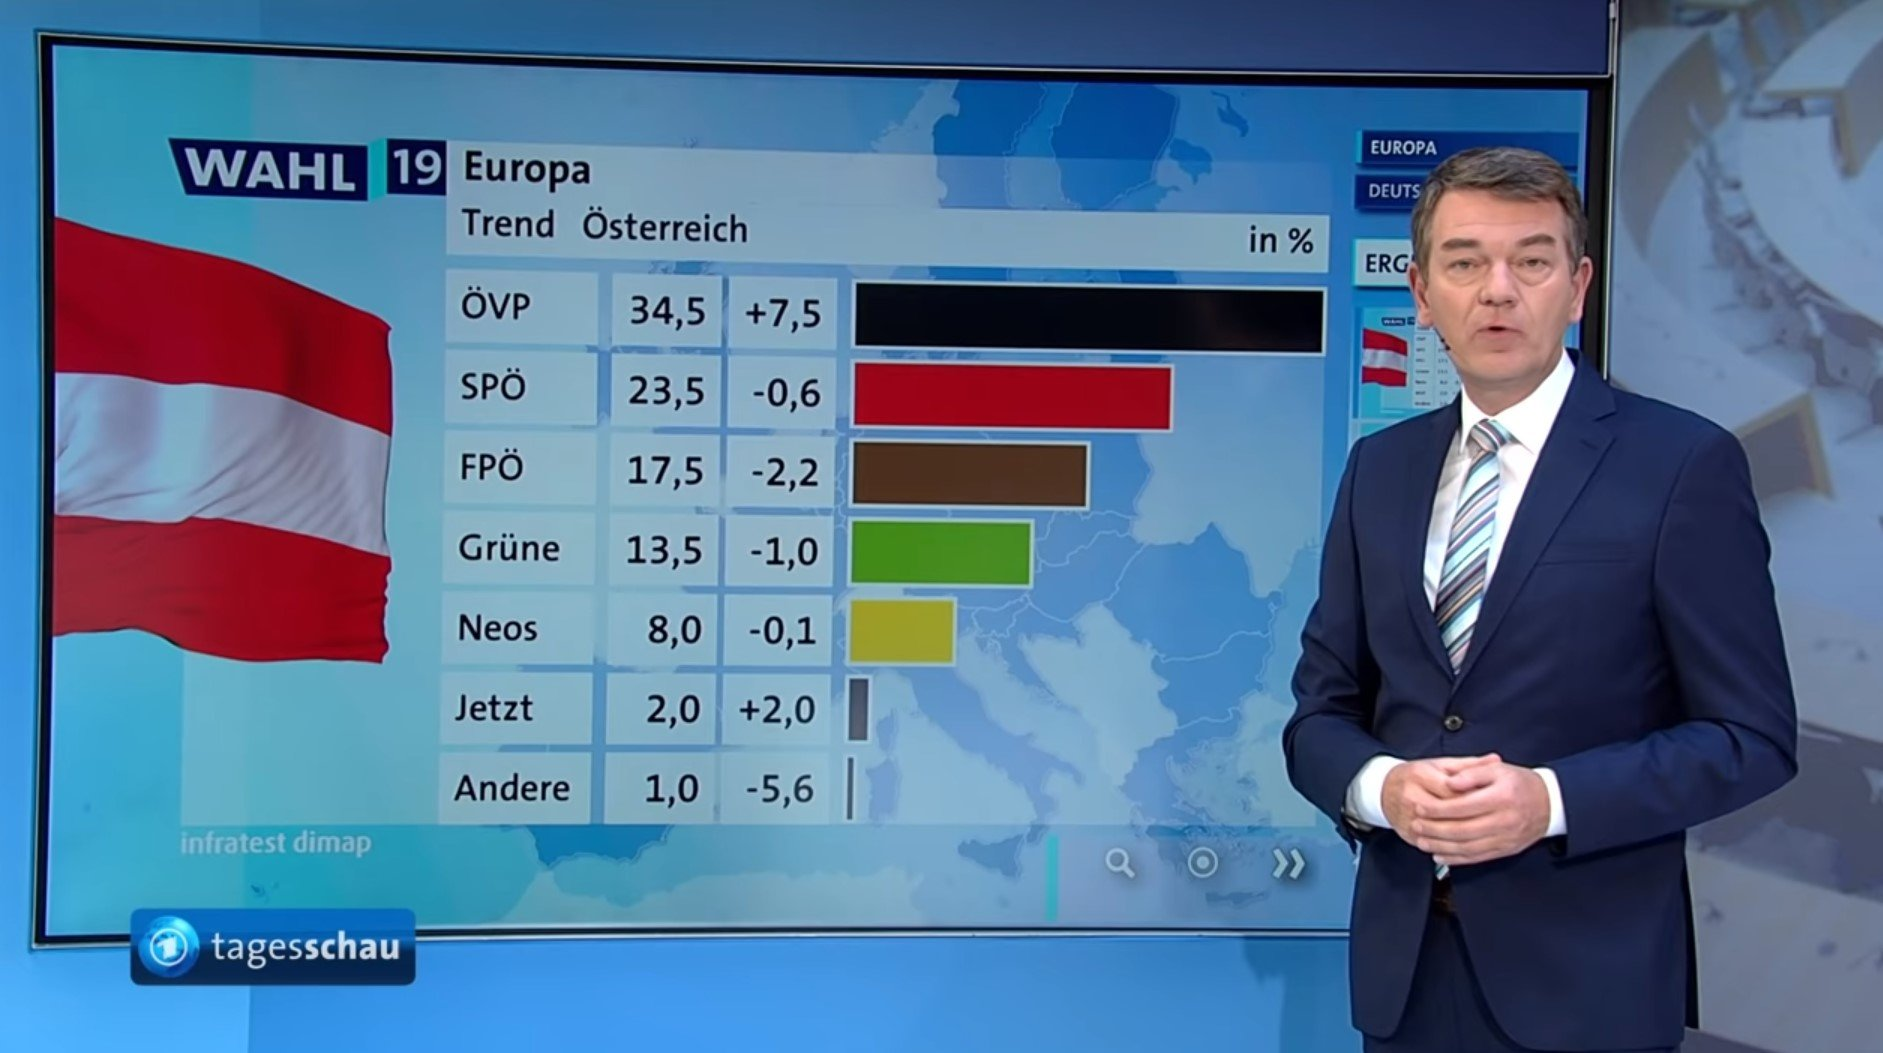 Цвета FPÖ — коричневый вместо синего